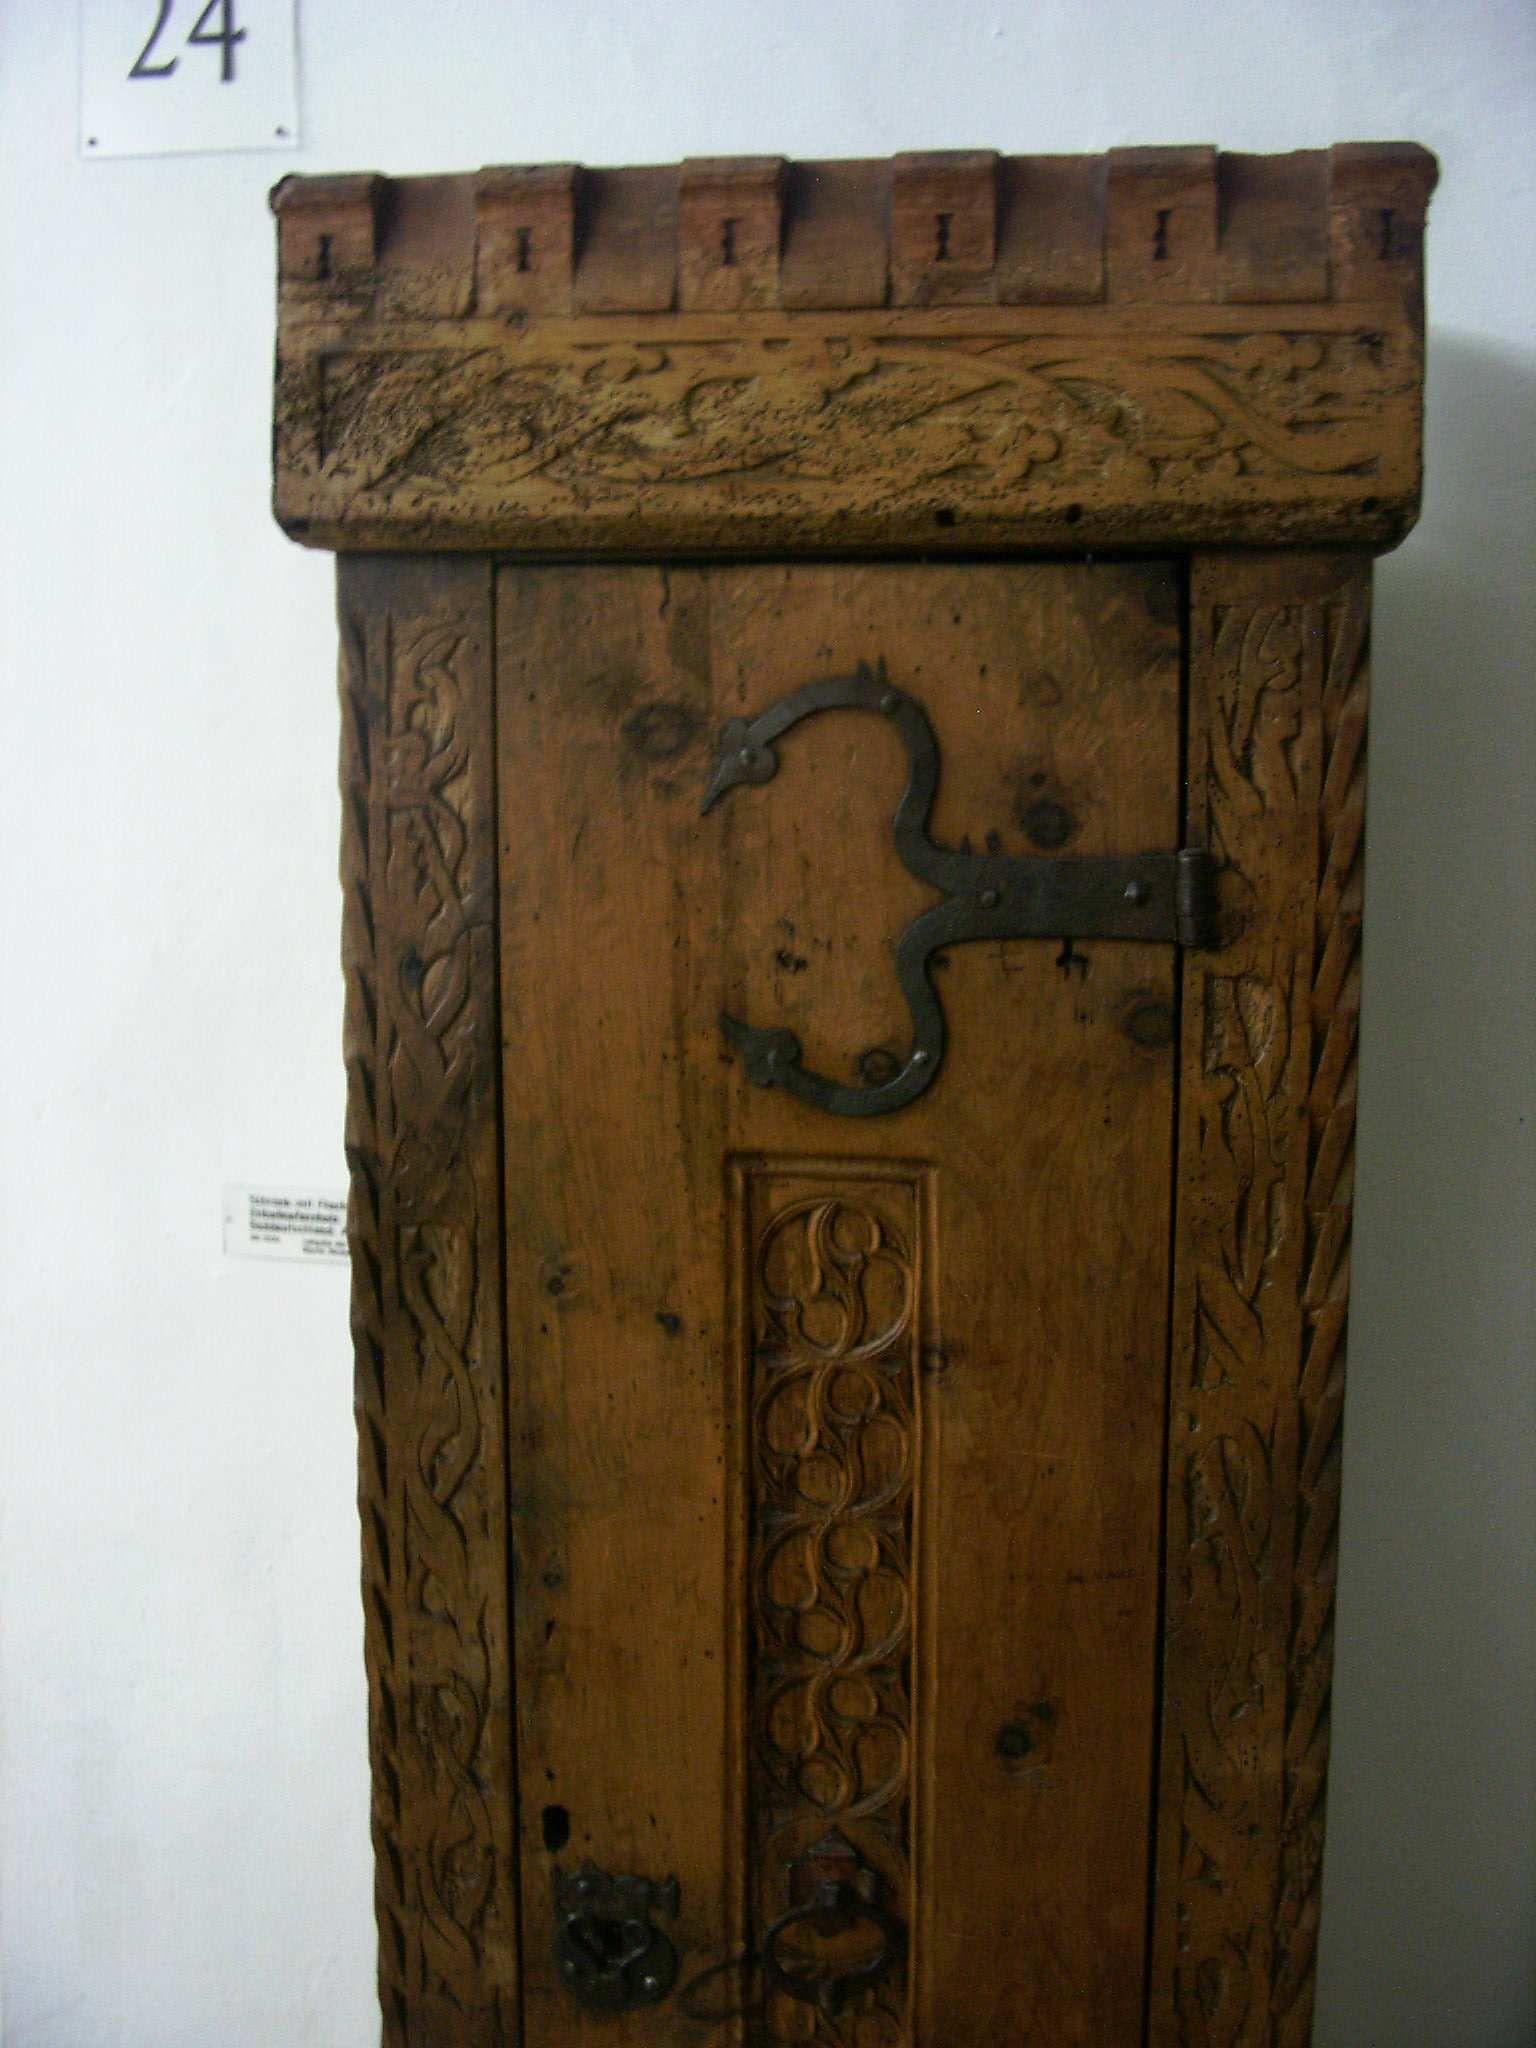 schrank gotisch germanisches nationalmuseum n rnberg xv century chests cupboard. Black Bedroom Furniture Sets. Home Design Ideas